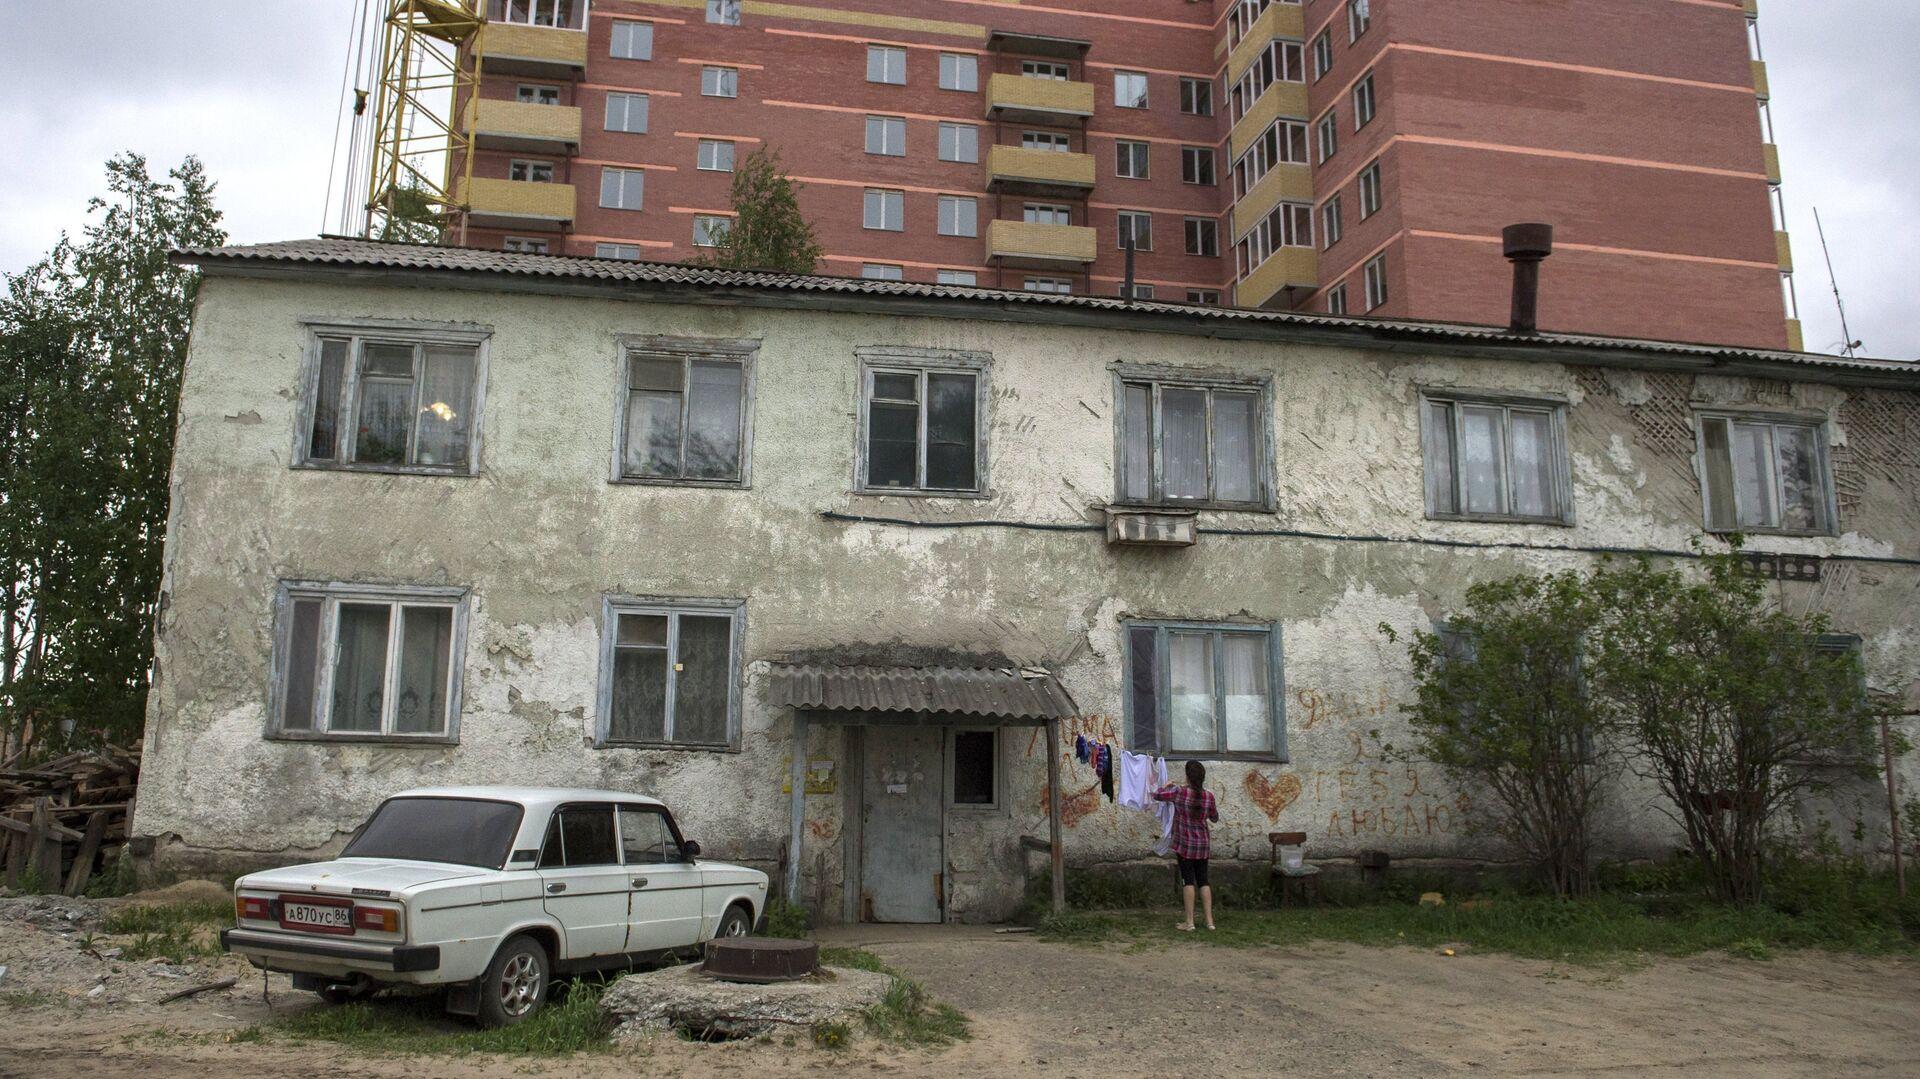 Ветхий жилой дом на фоне новостройки  - РИА Новости, 1920, 13.11.2020